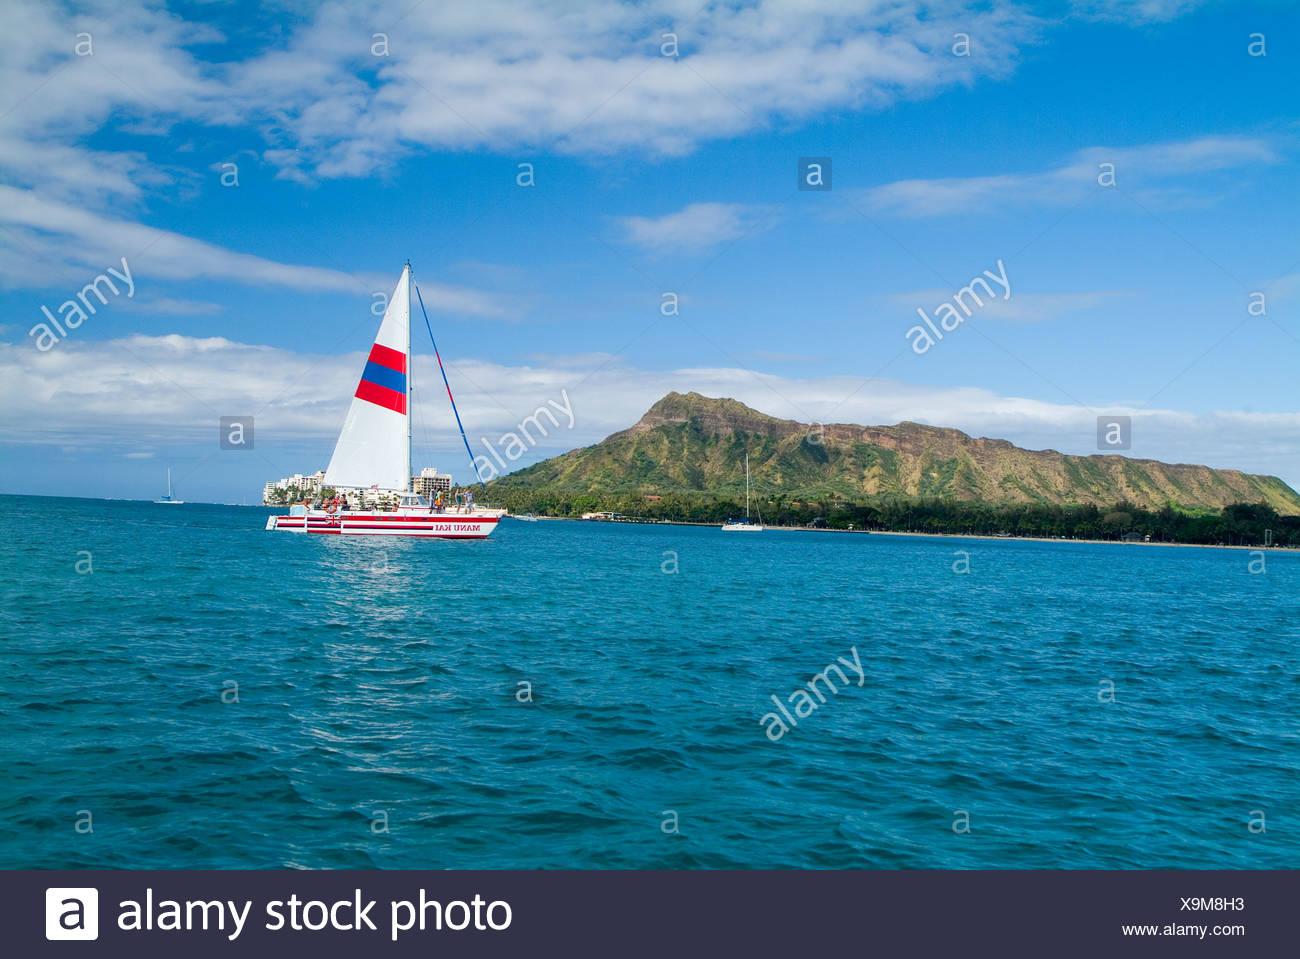 Totale des Diamond Head von einem Segelboot aus Waikiki mit einem Katamaran Sport eine weiße gestreifte Segel im Vordergrund. Stockbild